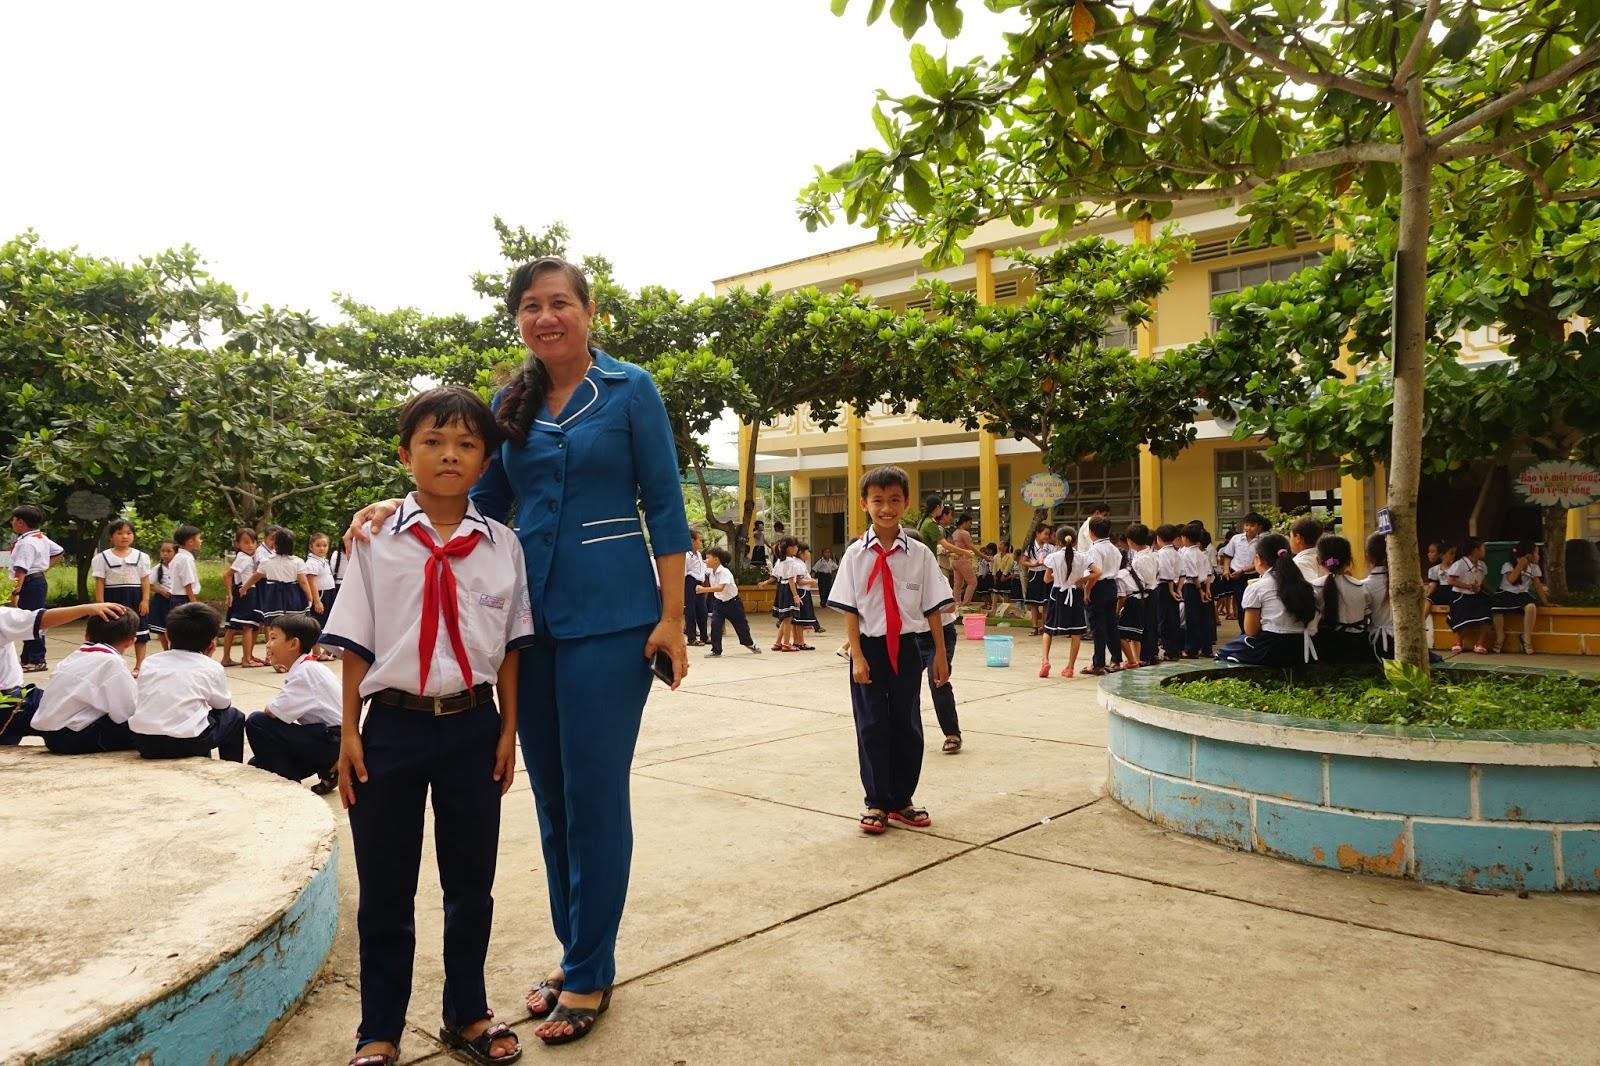 Cô giáo ân cần chụp hình cùng học sinh của mình, cô rất thương các cháu